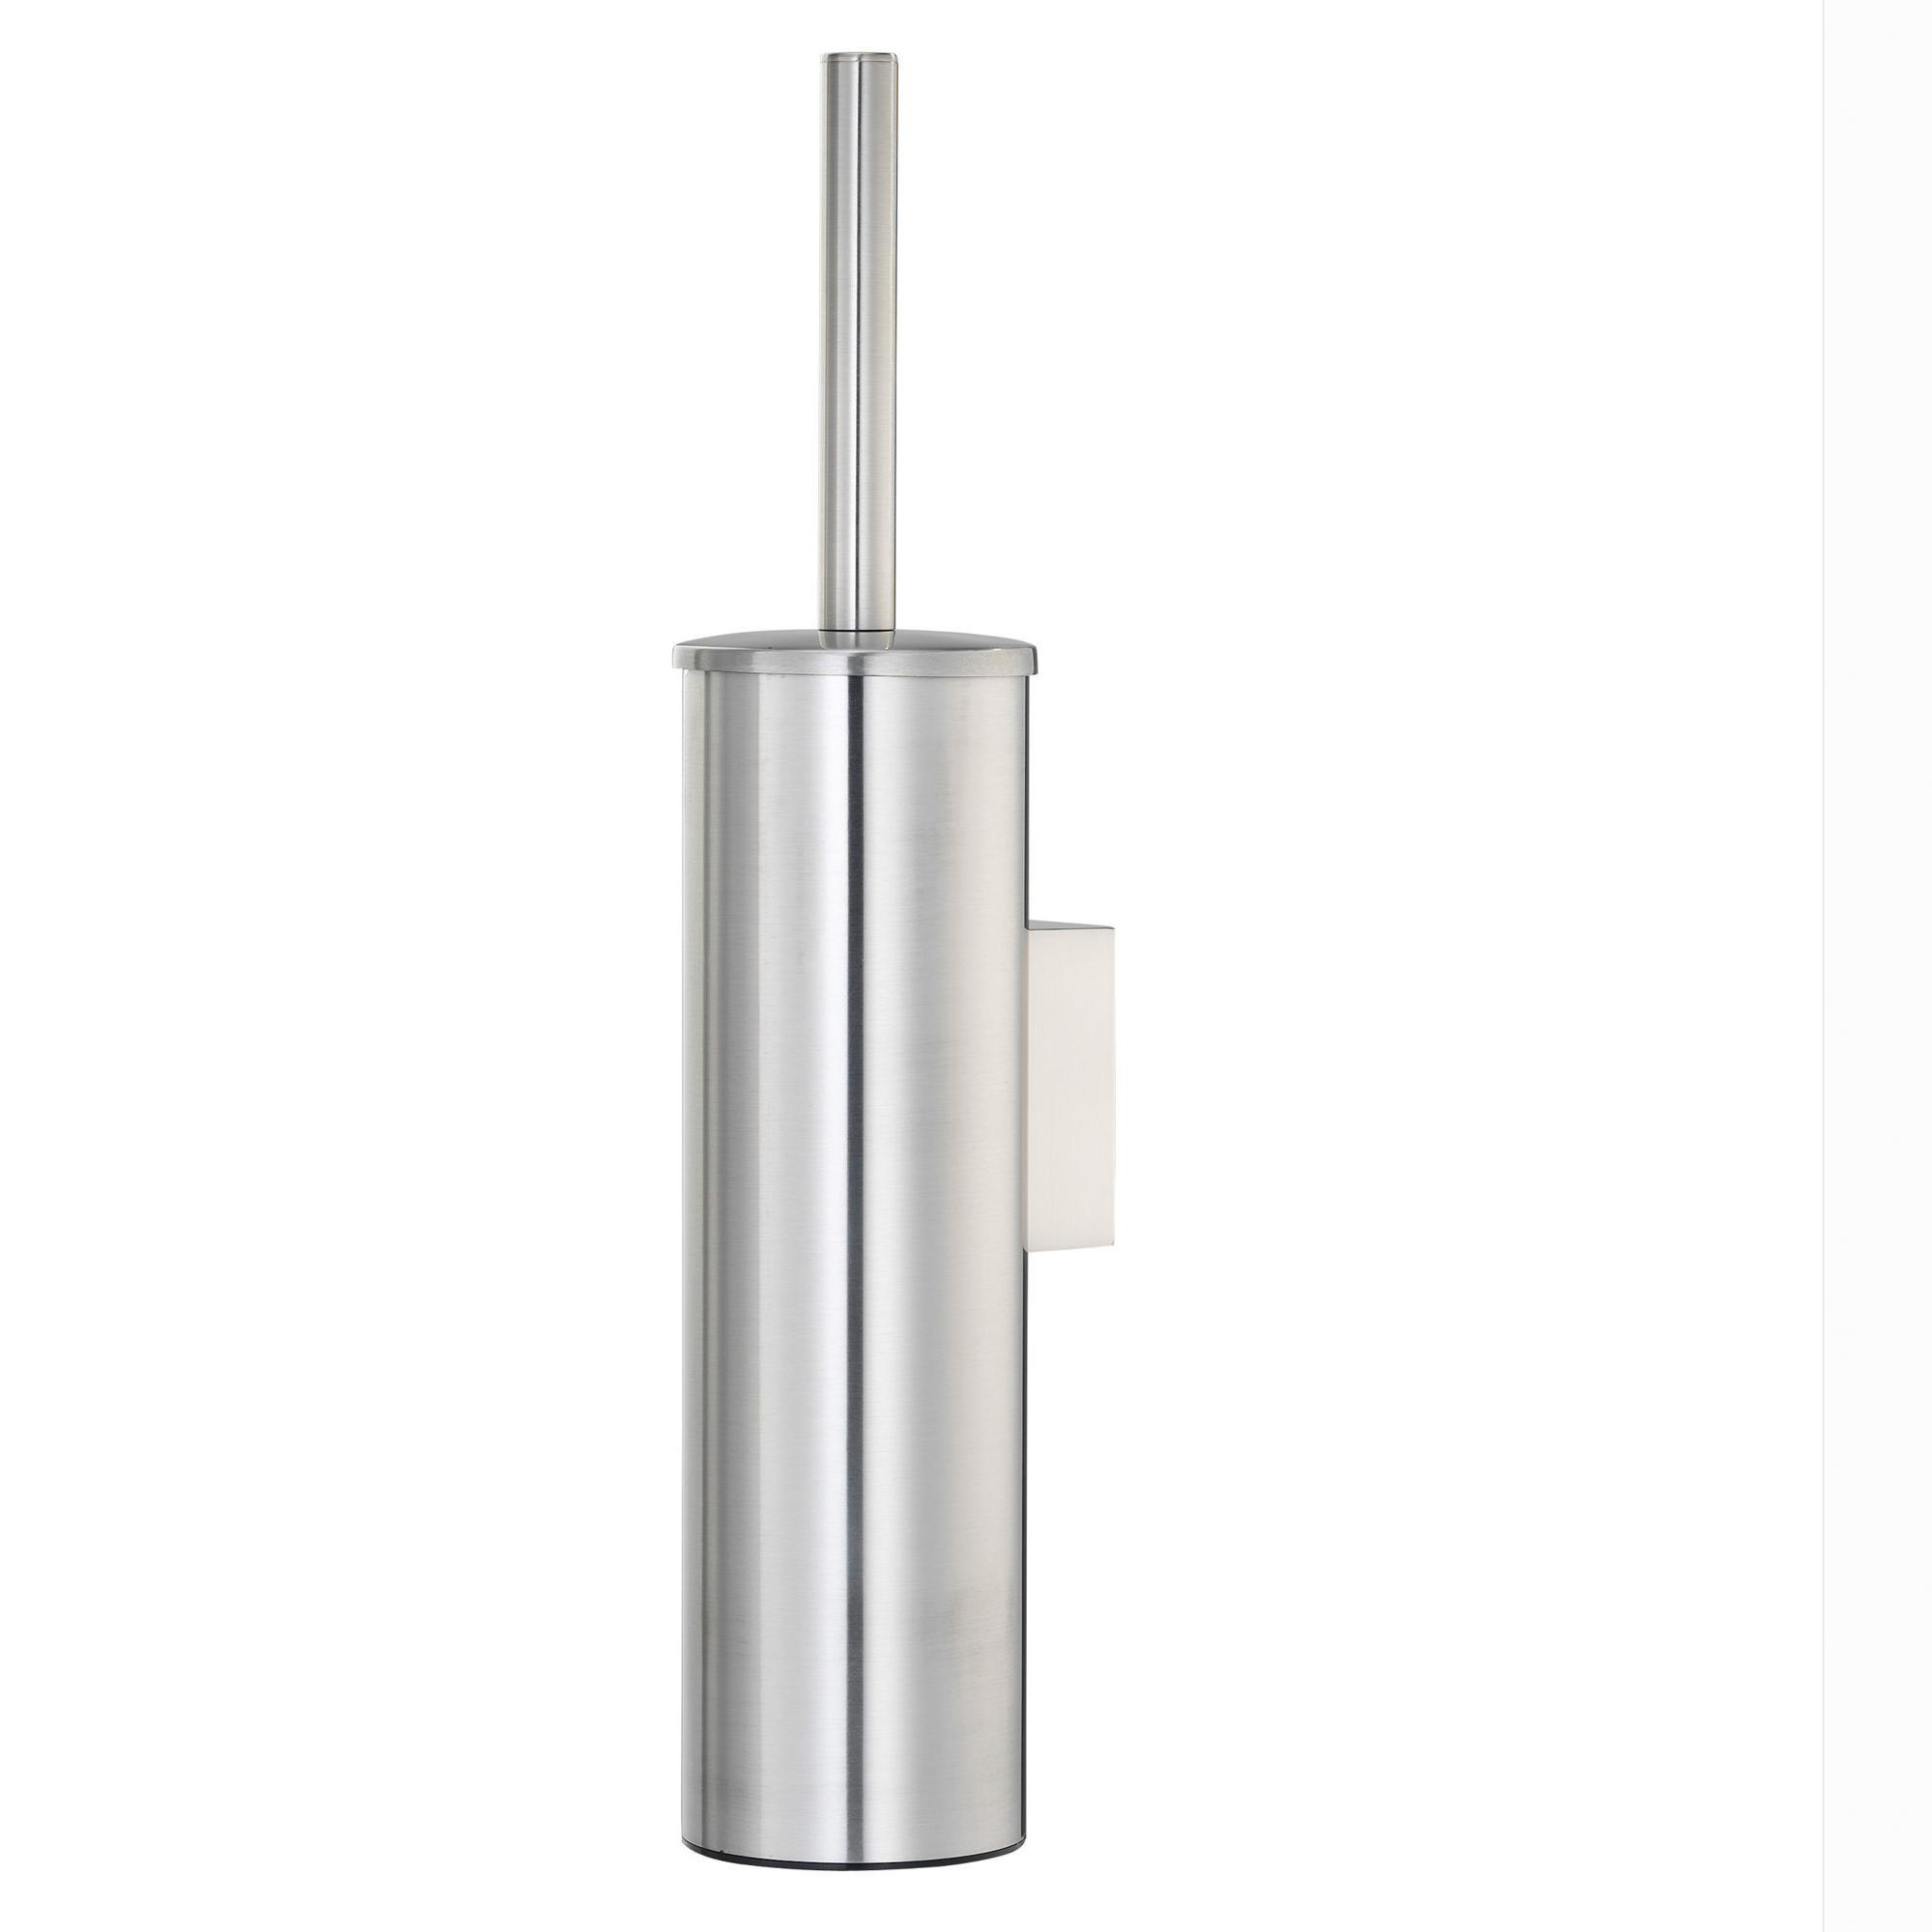 Щетка для унитаза подвесная, K-1057, металл,